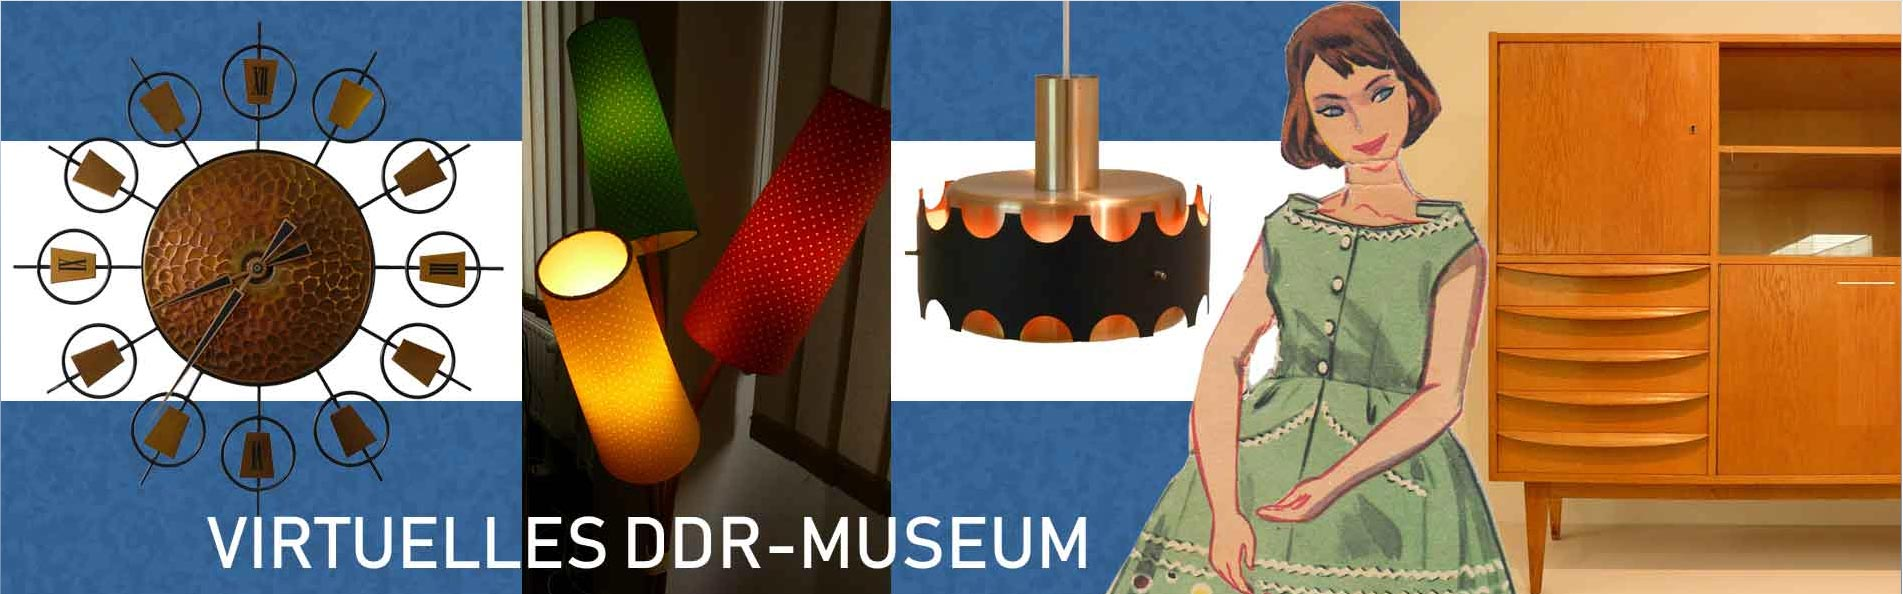 Virtuelles DDR-Museum - DDR-Spielzeug, Alltag, Mode, Schule, Schulbücher und vieles anderes mehr von Sylvia Wentzlau